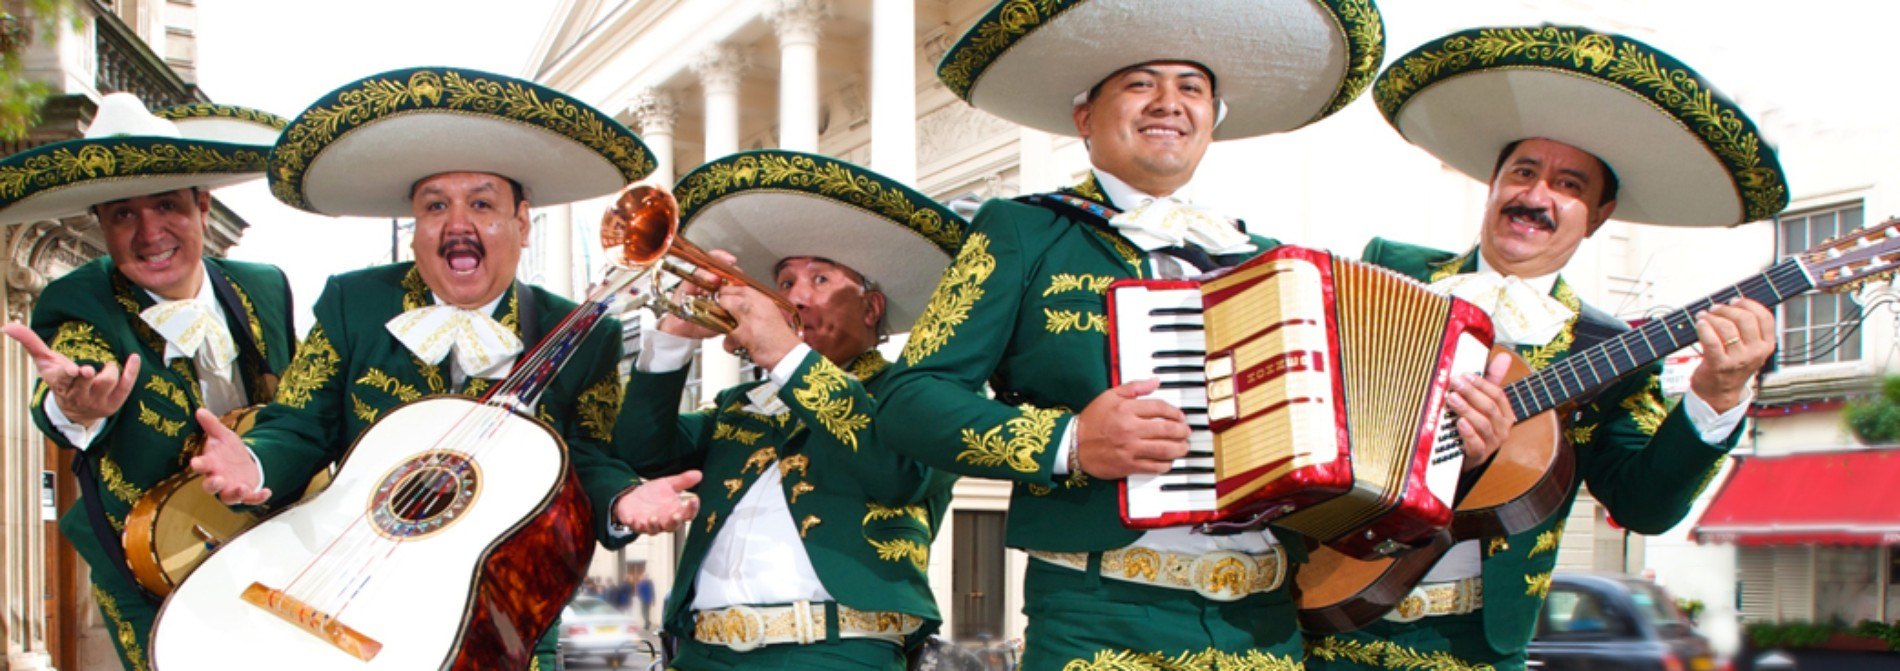 Mariachis Nuevo Real de Jalisco